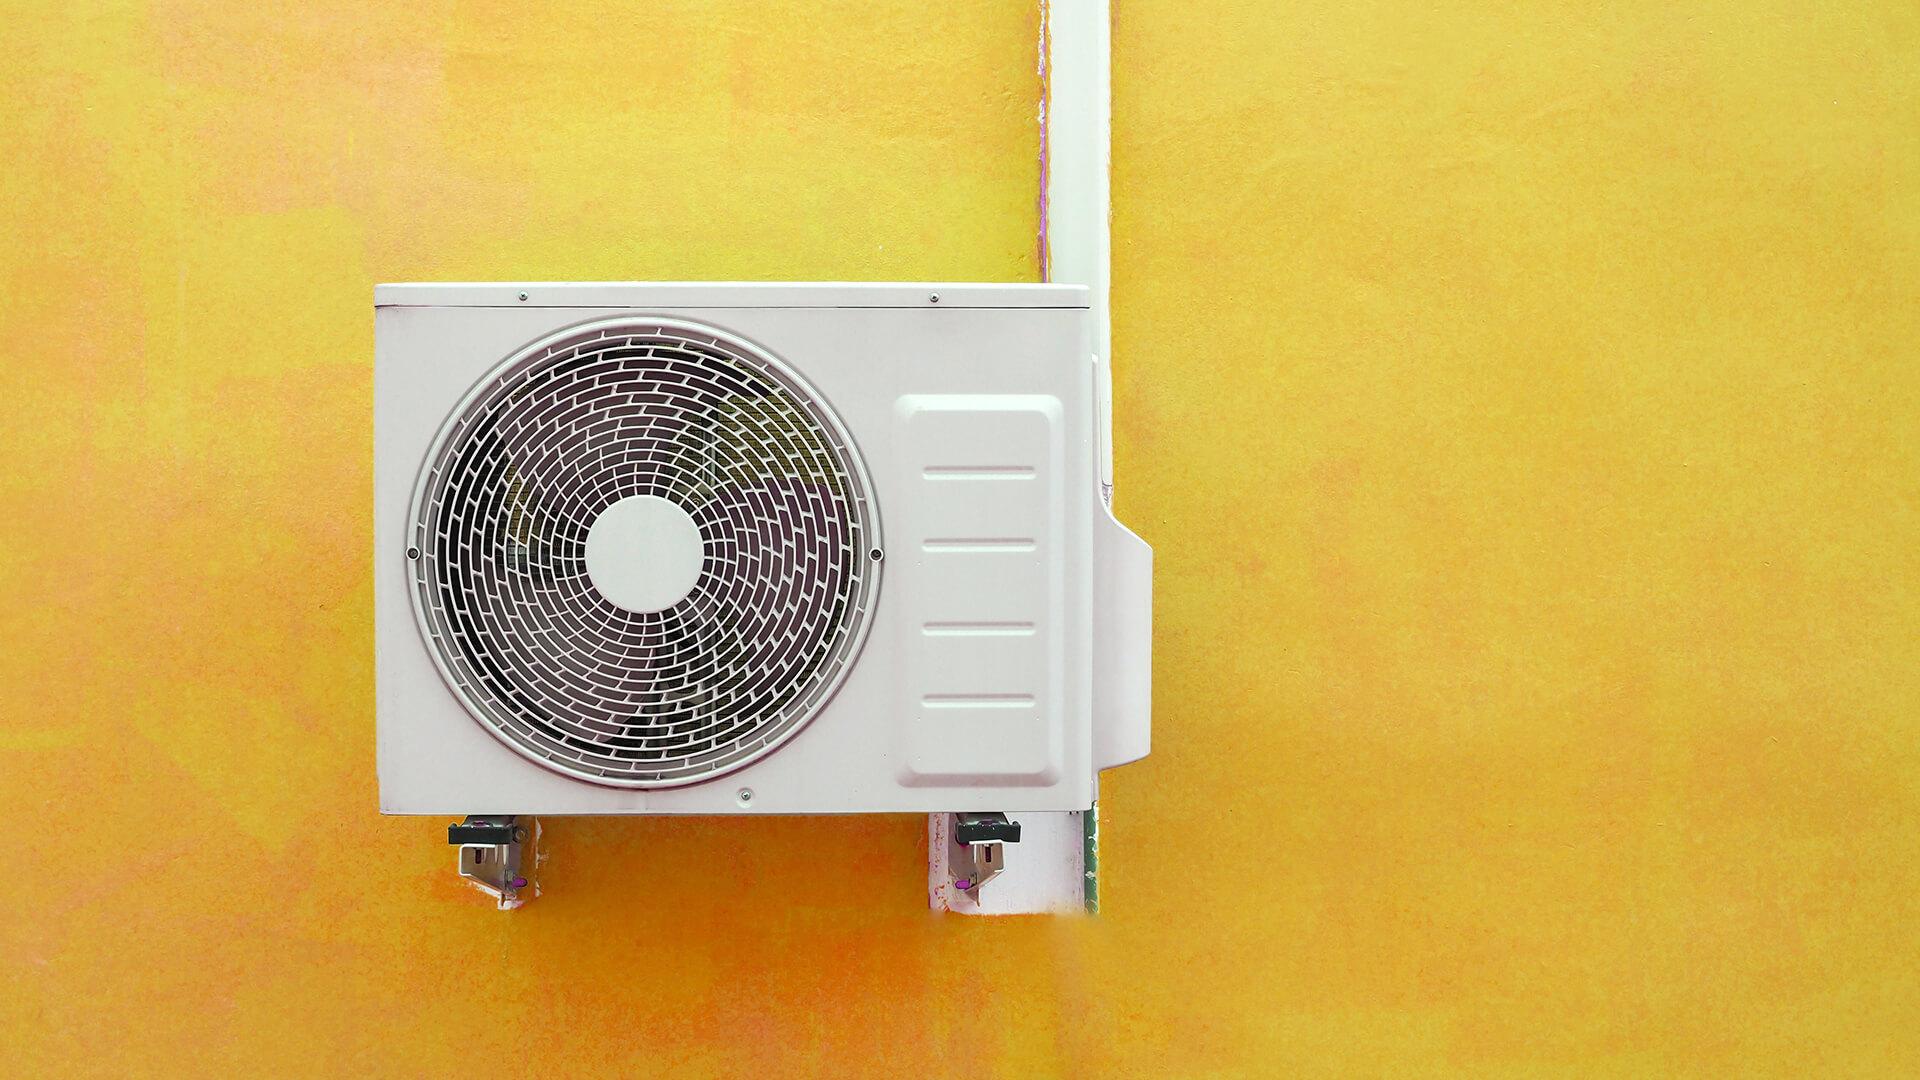 Pompe à Chaleur Tergnier → Devis/Prix : Installation PAC Air-Eau, Aerothermie